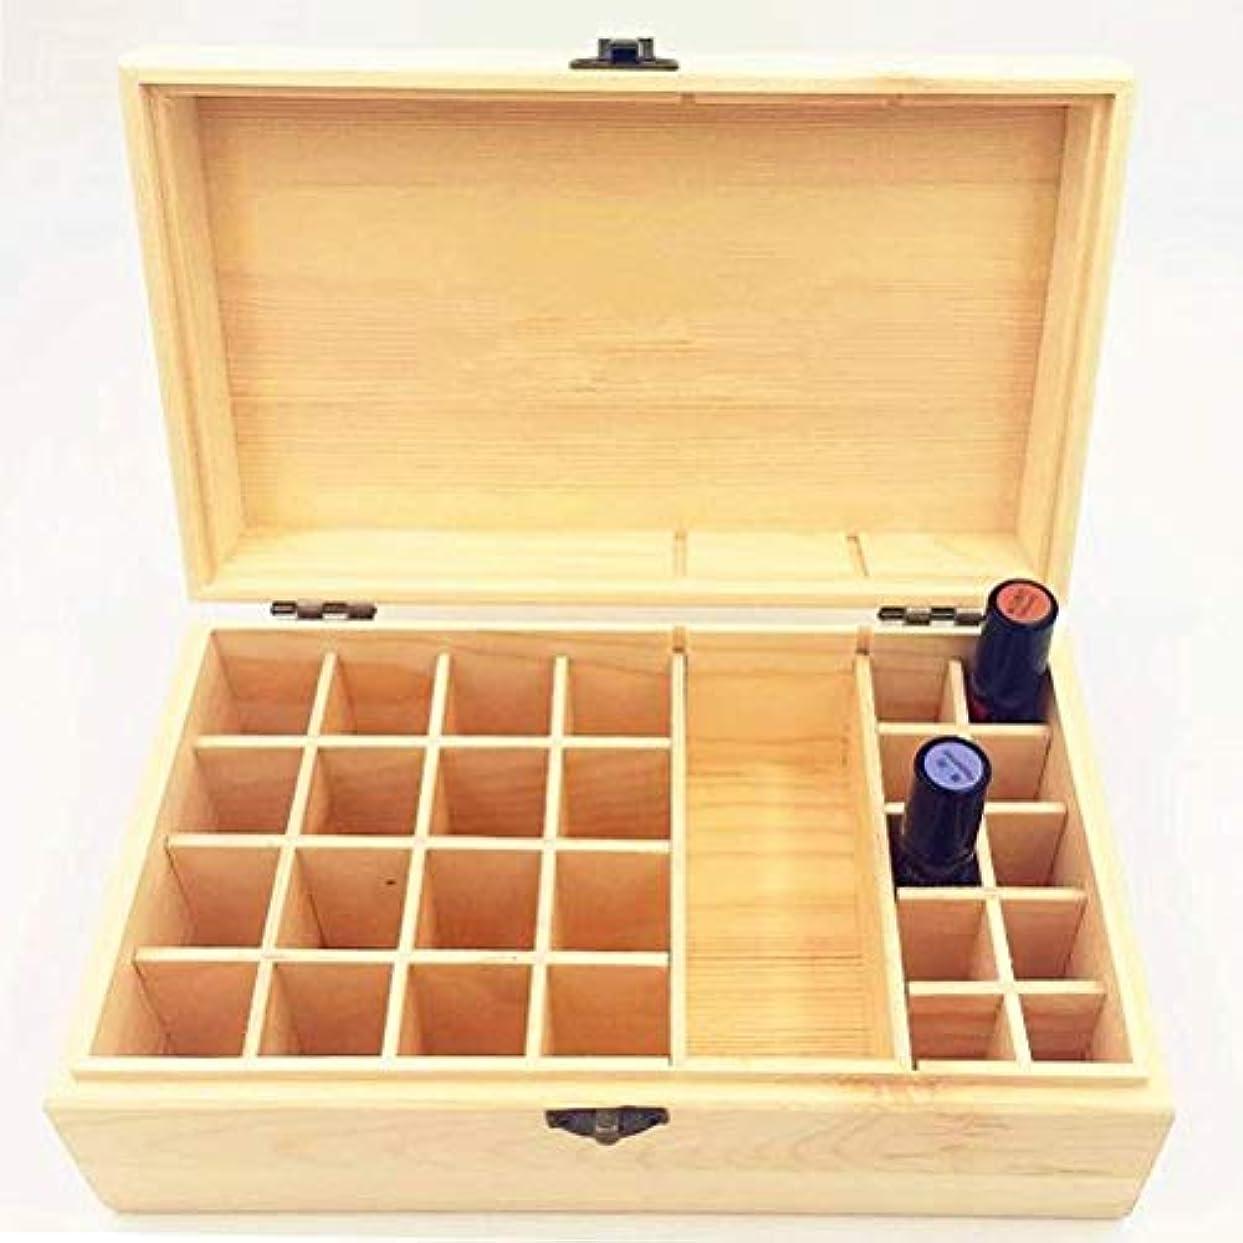 付与マイナー美しいTINKSKY アロマケース エッセンシャルオイルケース 木製 精油ケース 精油収納 仕切りボックス 32本収納 仕切り板が取り出し可